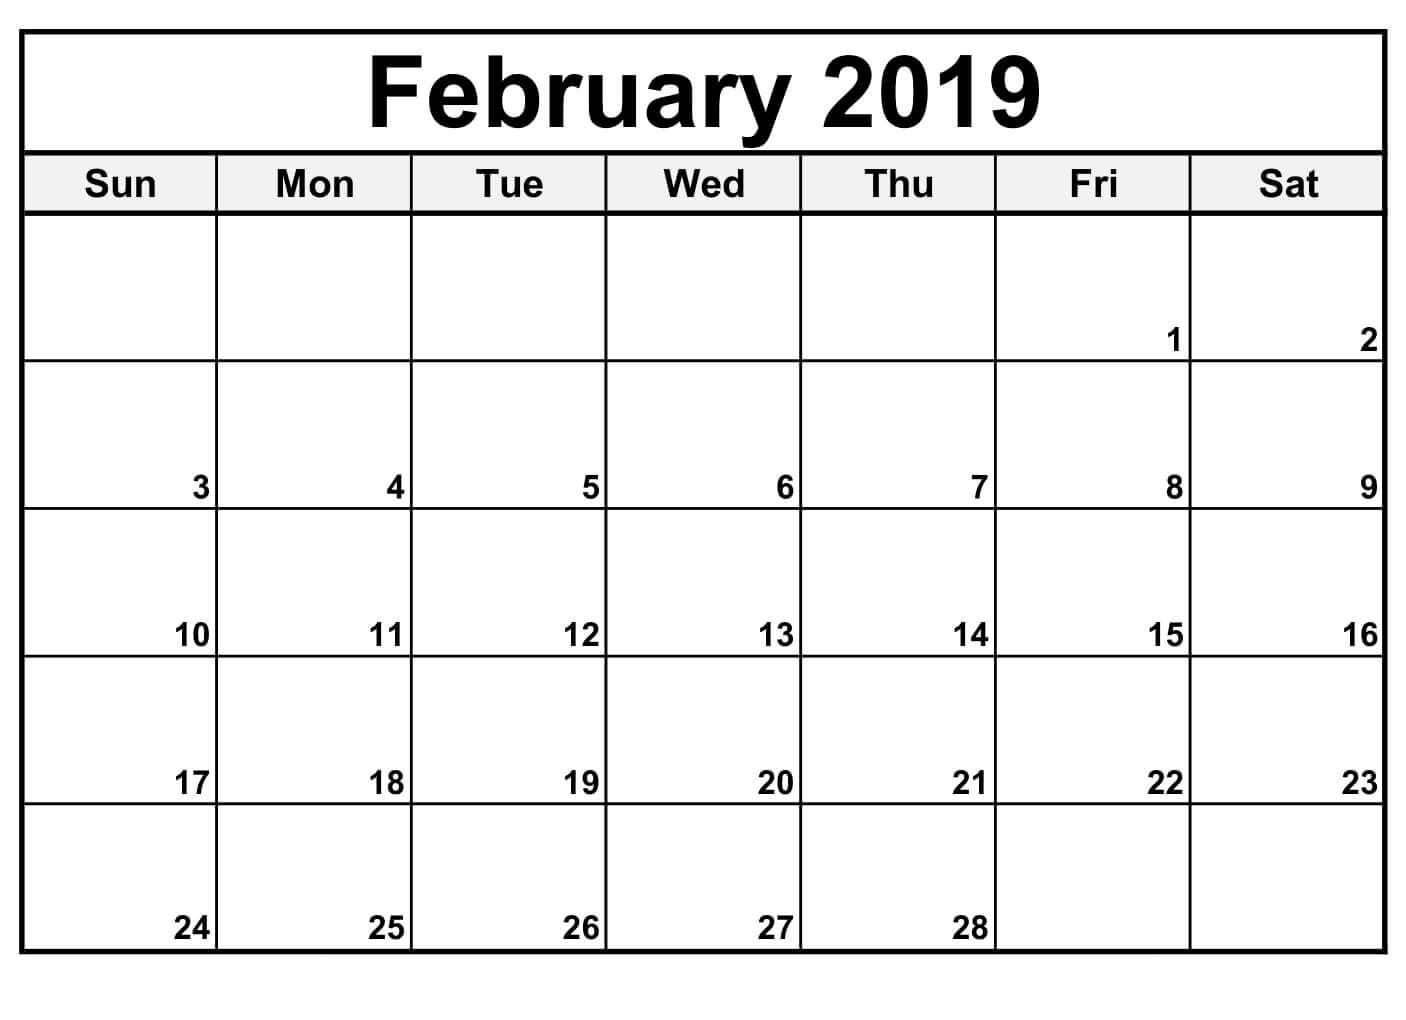 February 2019 Calendar Editable | Blank Calendar Template